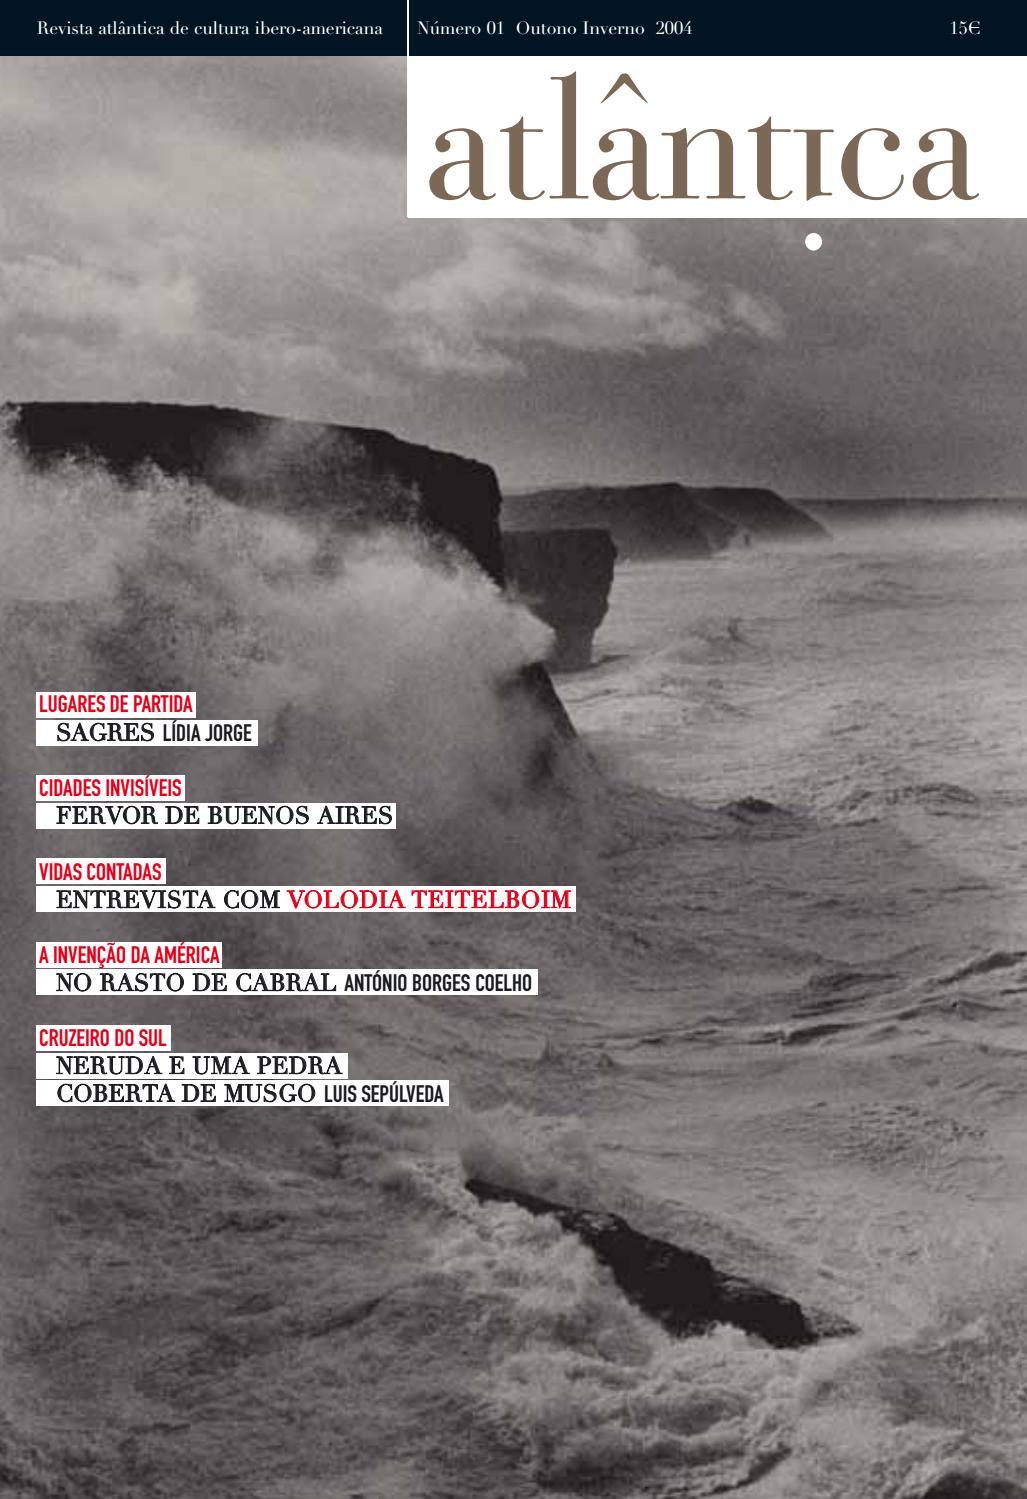 f6190a2dbfe3d Revista Atlântica de Cultura Ibero-Americana 01 by icia - issuu